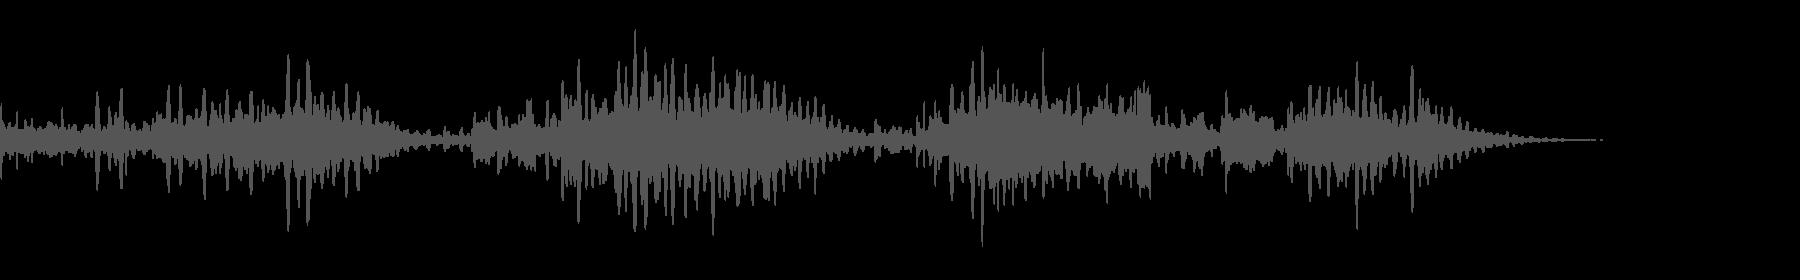 J. Pachelbel Lut/èce Cr/éations M/écanisme Musical//Mouvement Musical /à Ressort de 18 Notes pour bo/îte /à Musique ou bo/îte /à Bijoux Musicale Canon